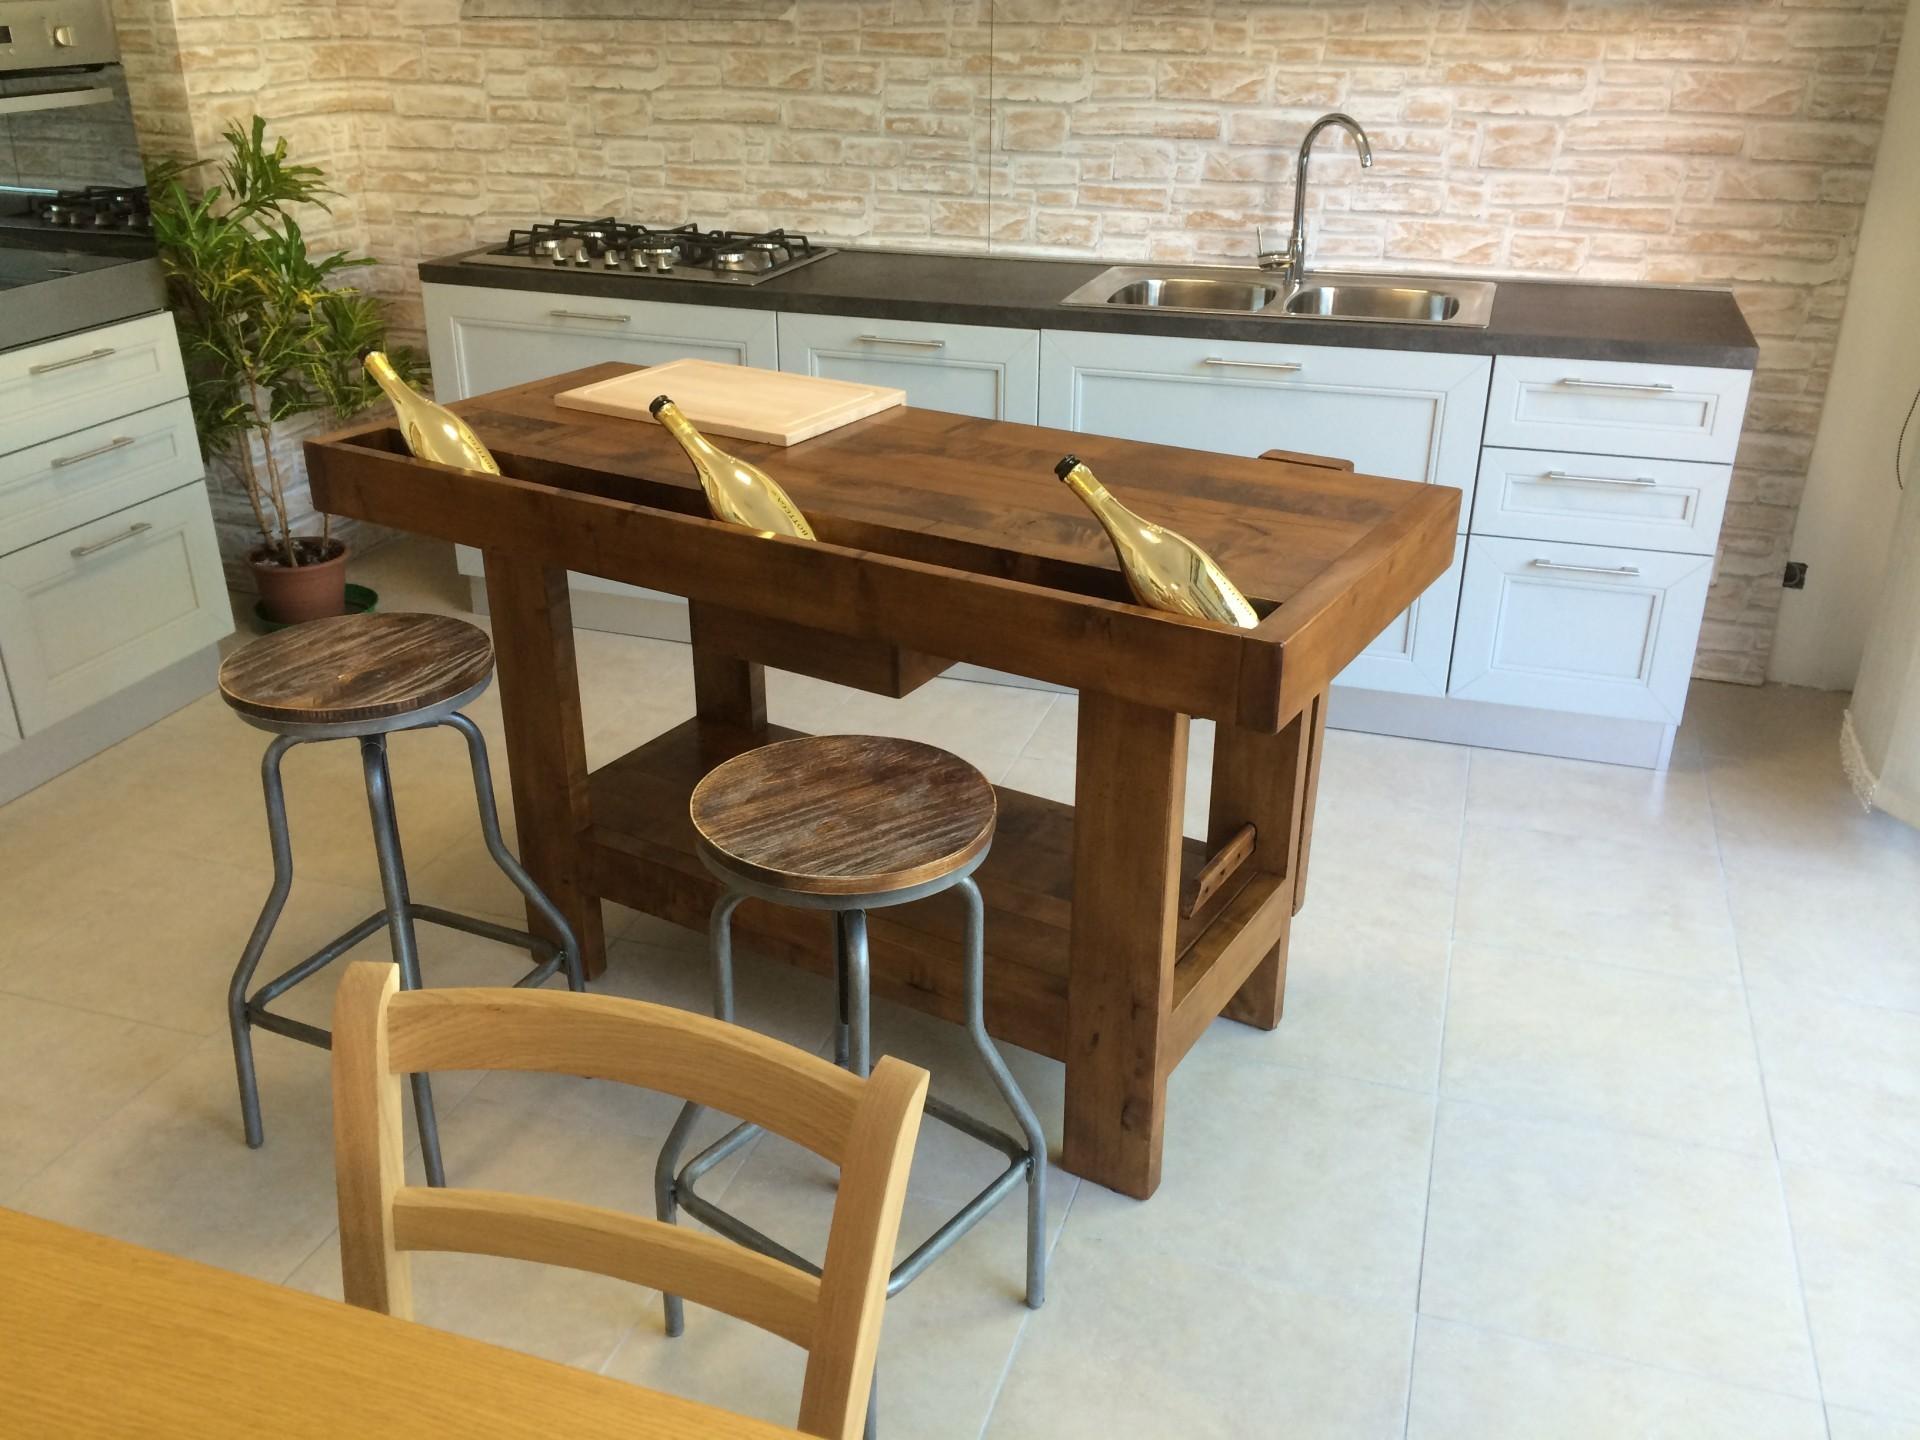 Sgabelli moderni per cucina. beautiful sgabelli moderni per cucina